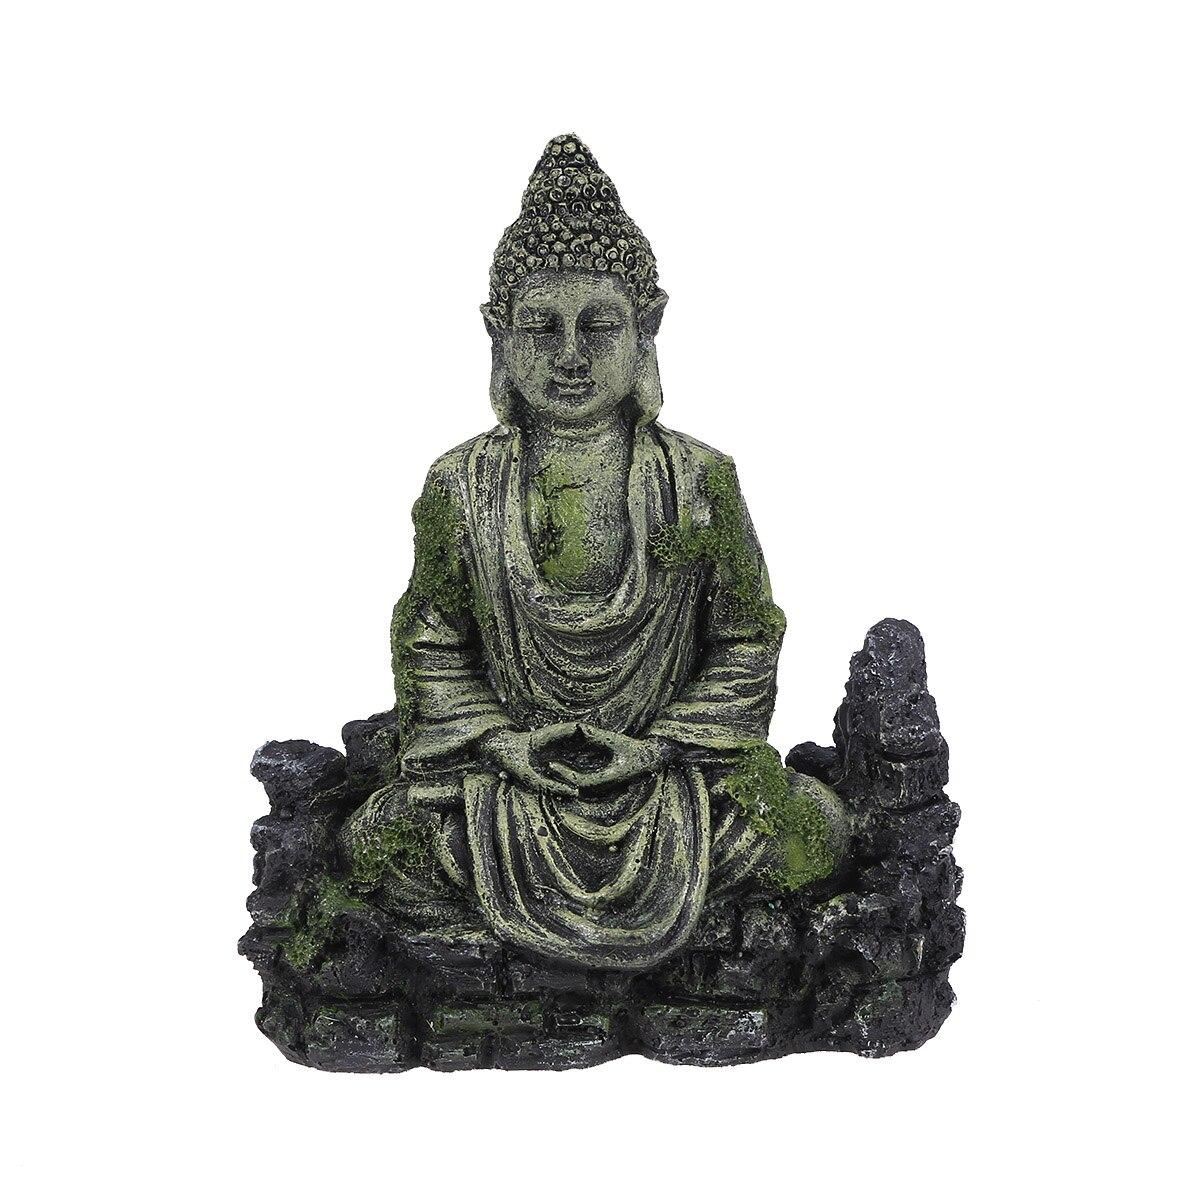 Камни для сада камней статуя смолы декоративные камни для сада камней статуя аквариума сидящий Будда статуя декор аквариума рептилии Танк ...